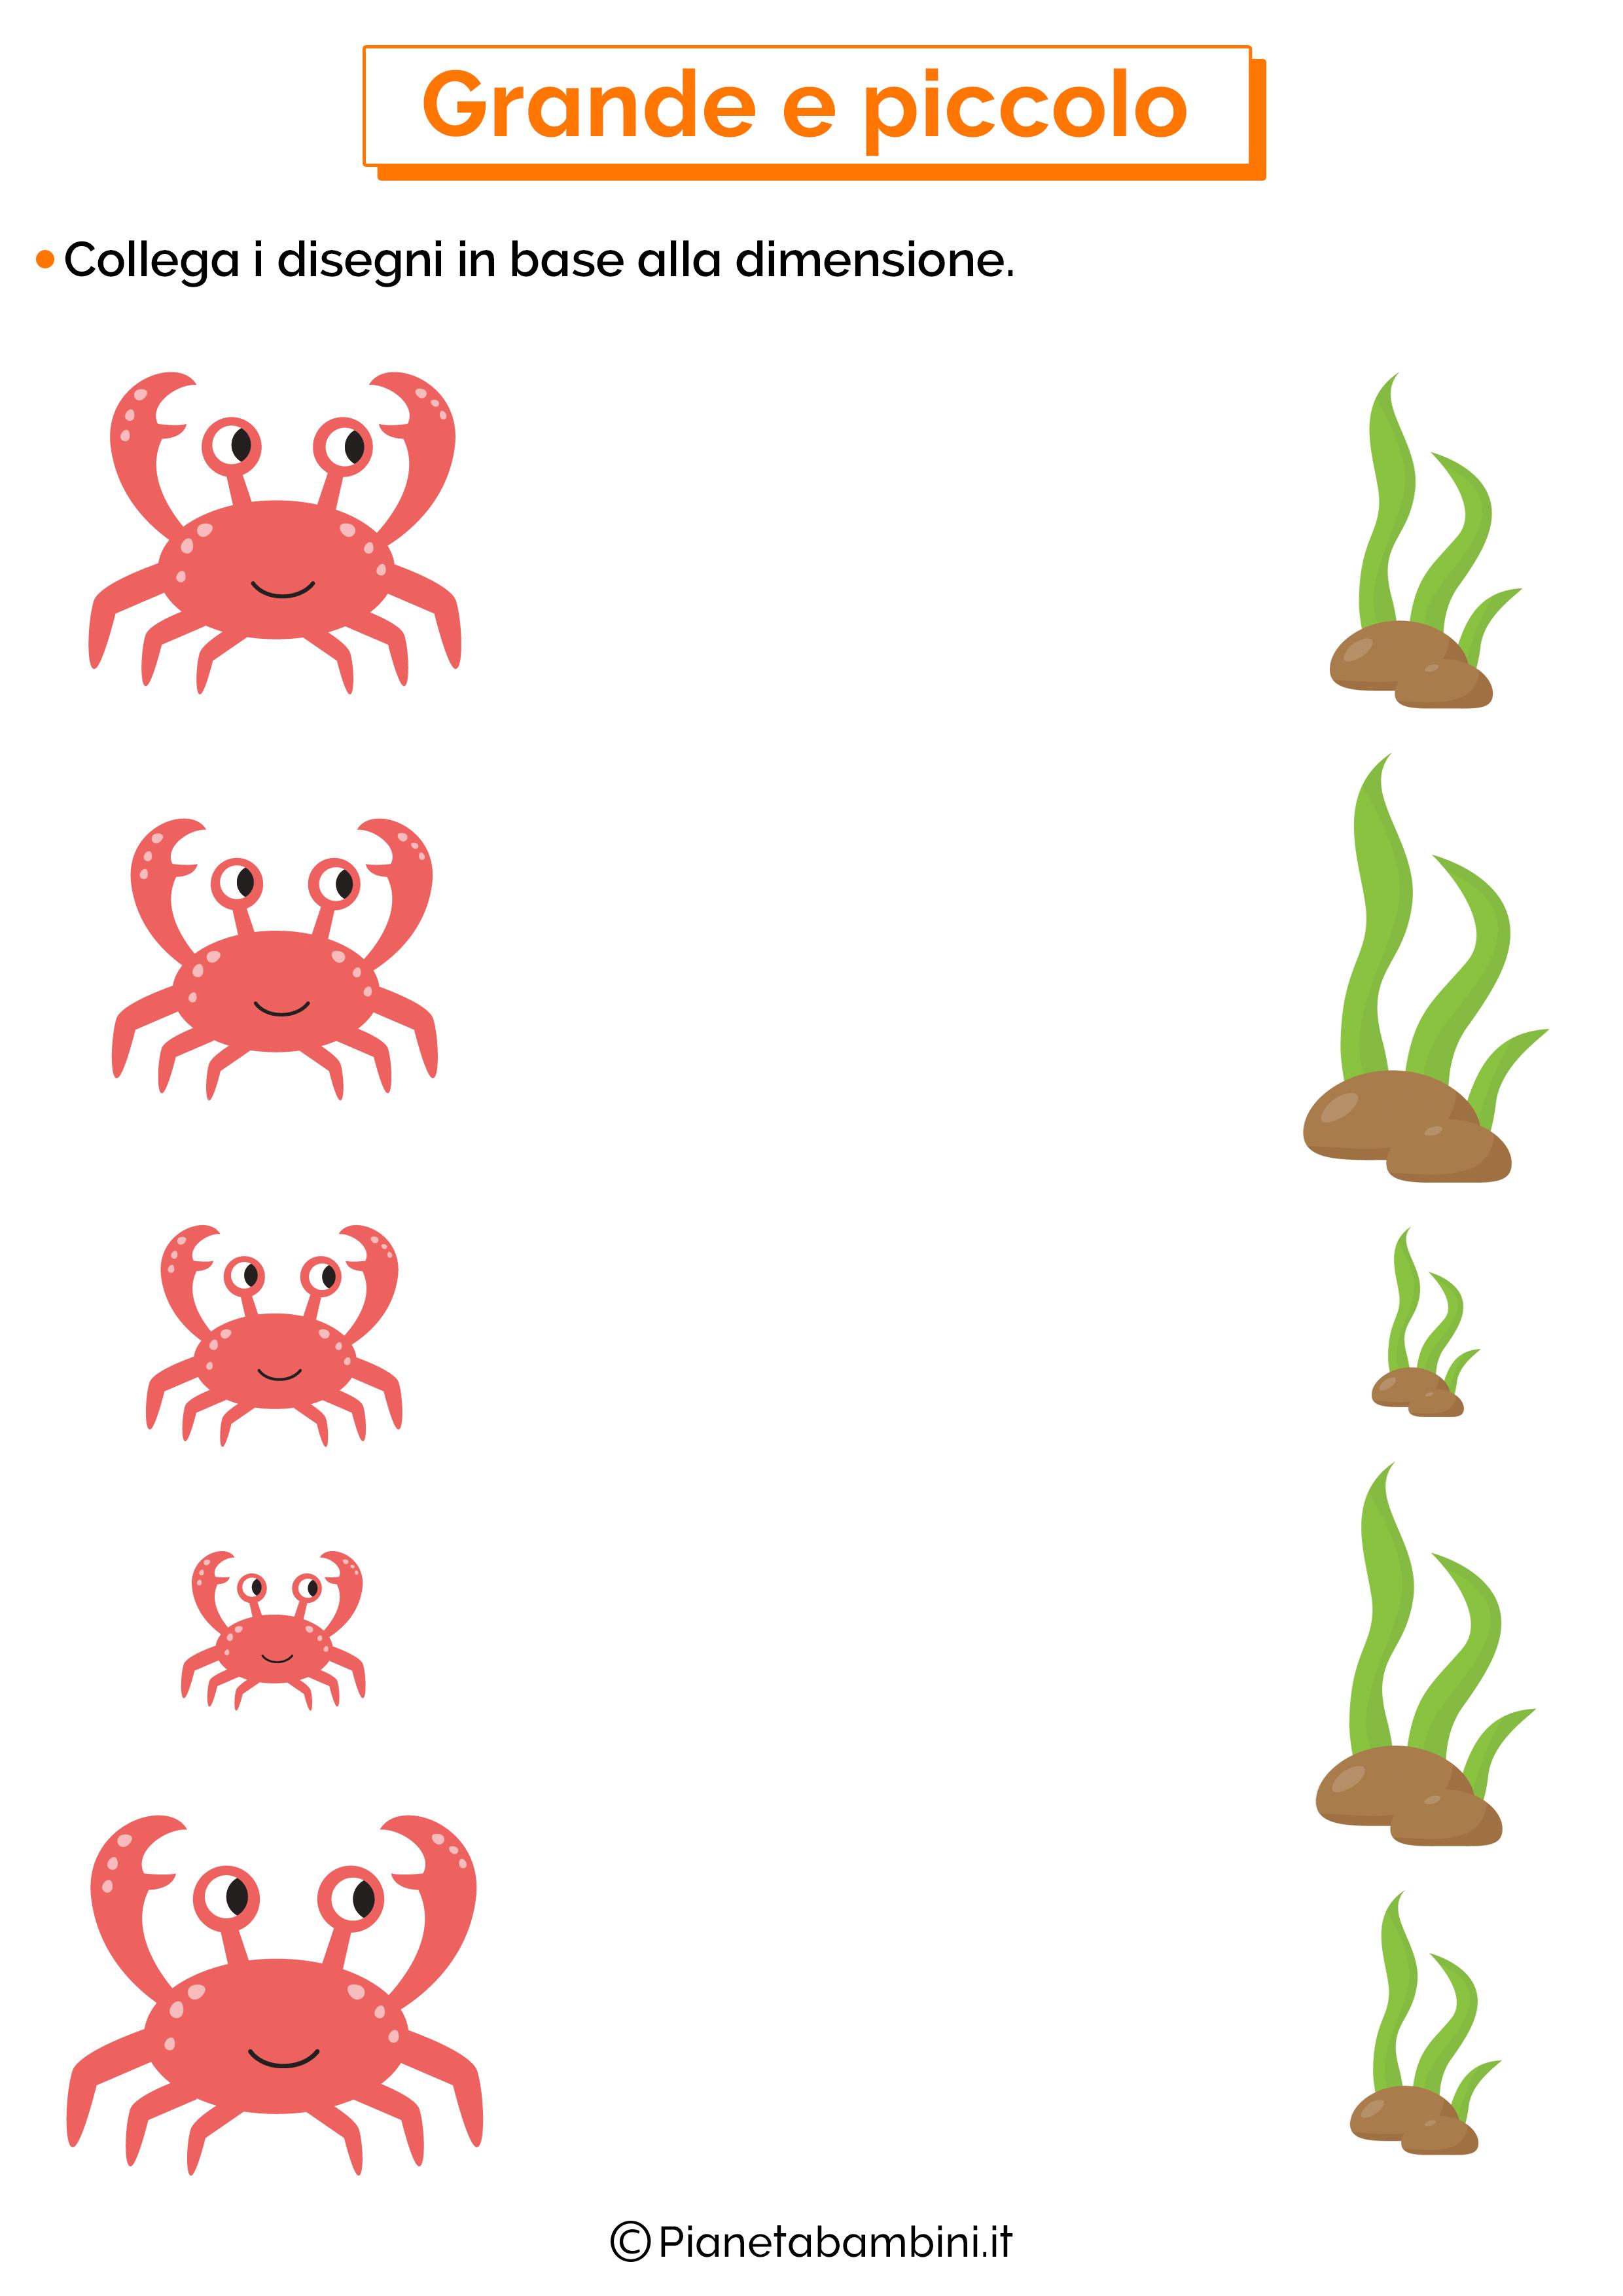 Scheda collega grande e piccolo 4